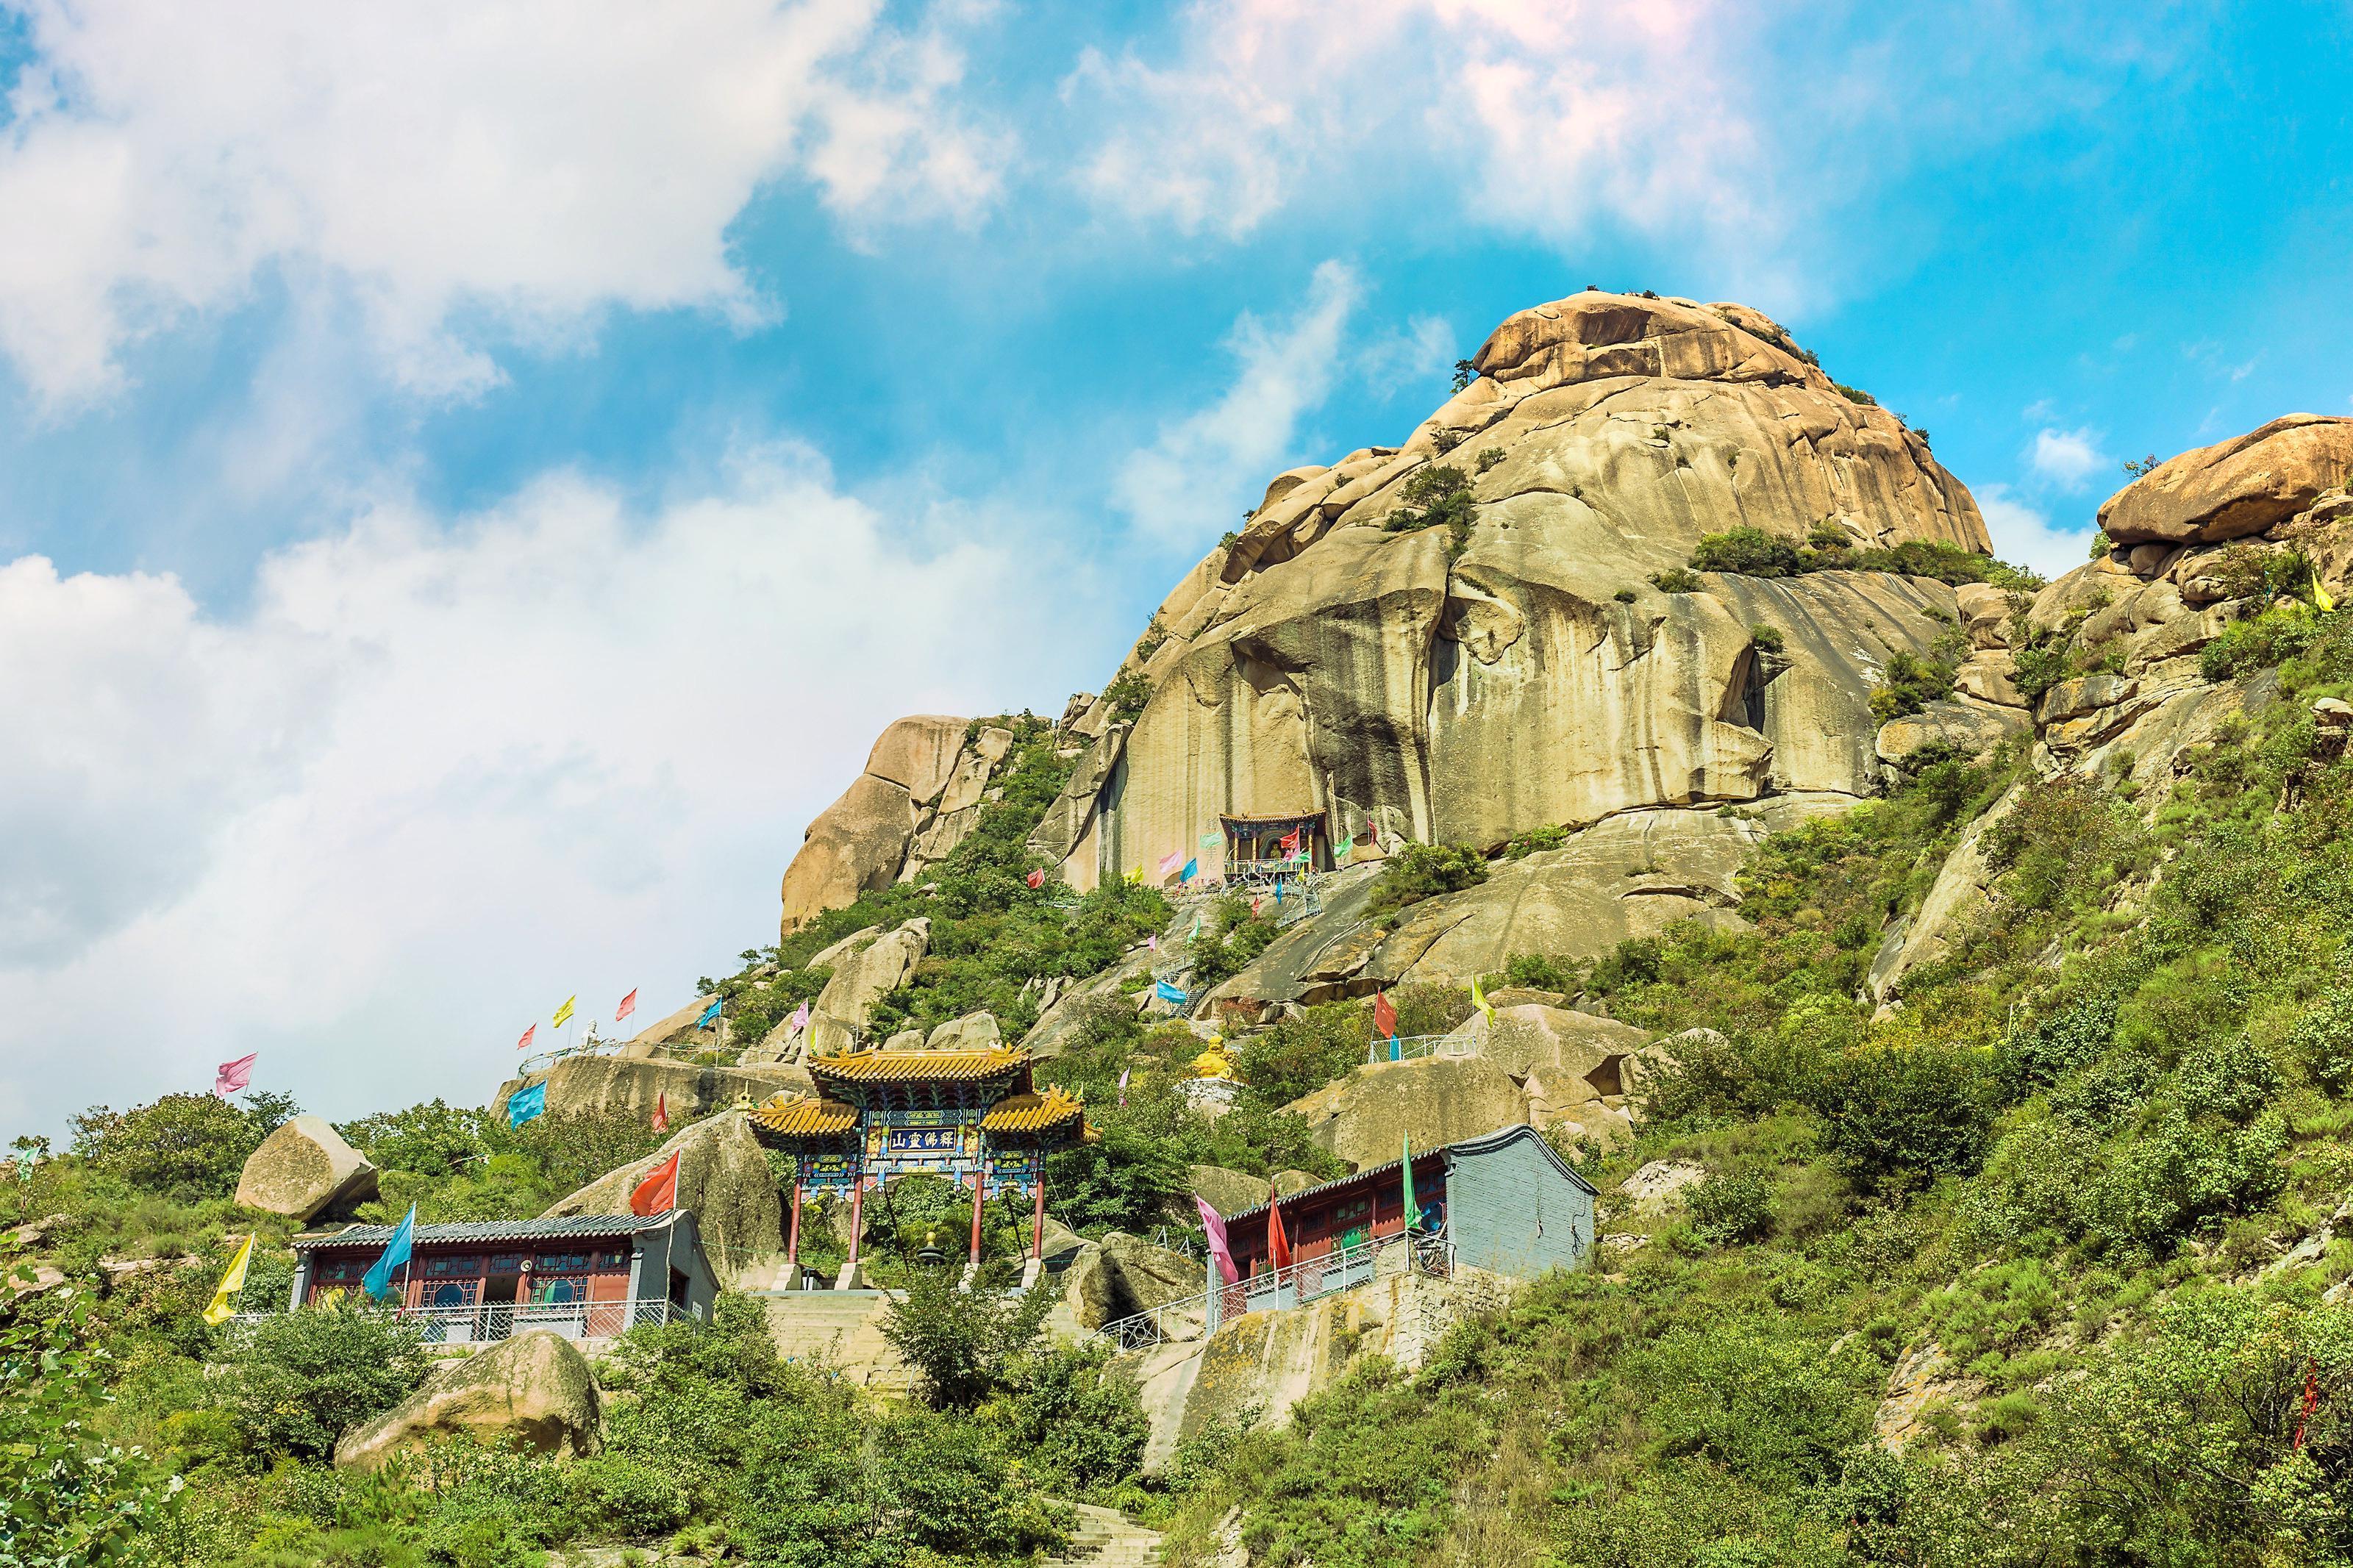 Lama Mountain Scenic Area